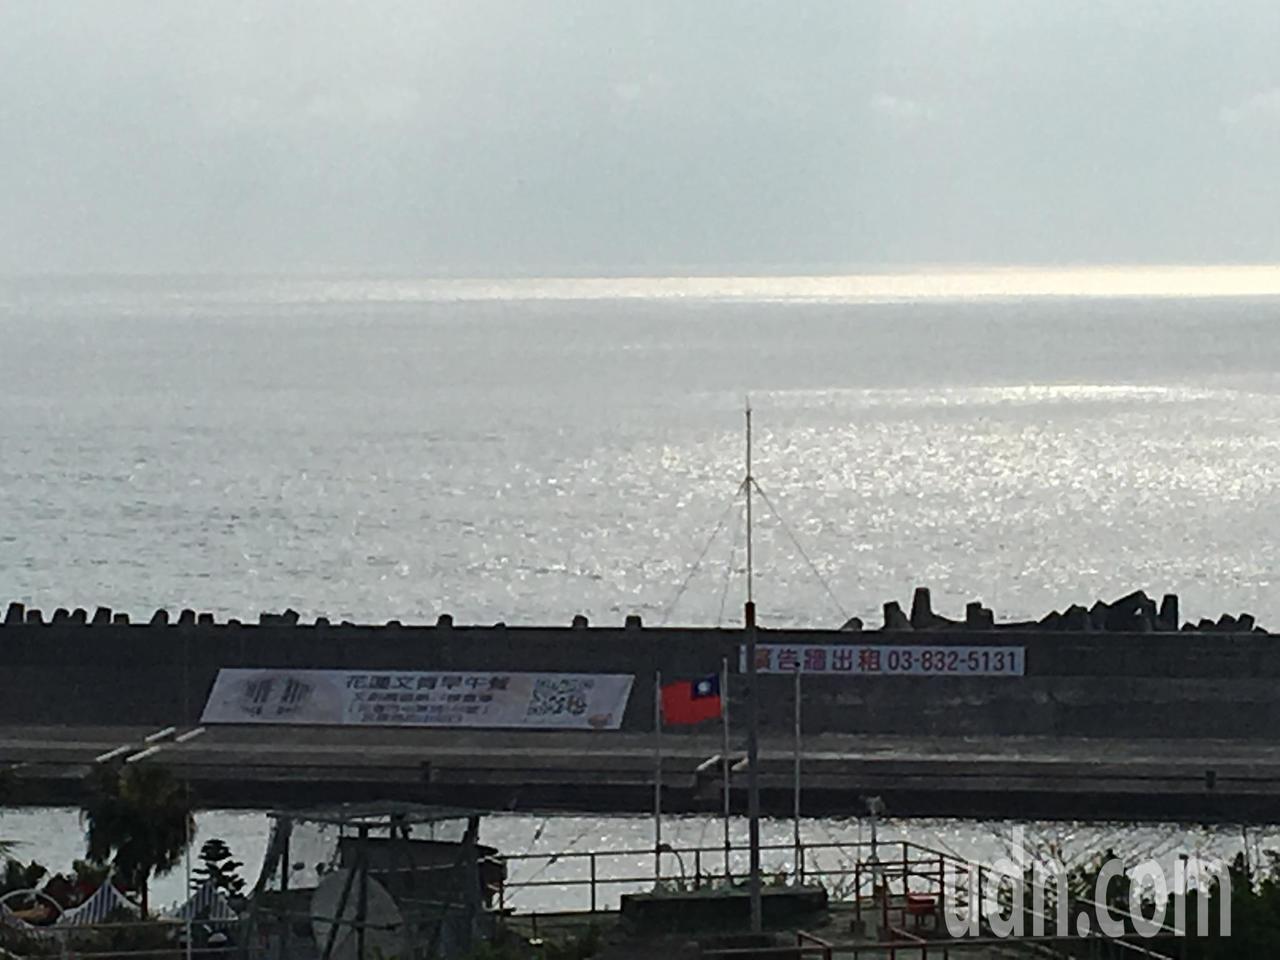 花蓮港務分公司將東堤出租,作為廣告牆,引起民眾關注。記者徐庭揚/攝影